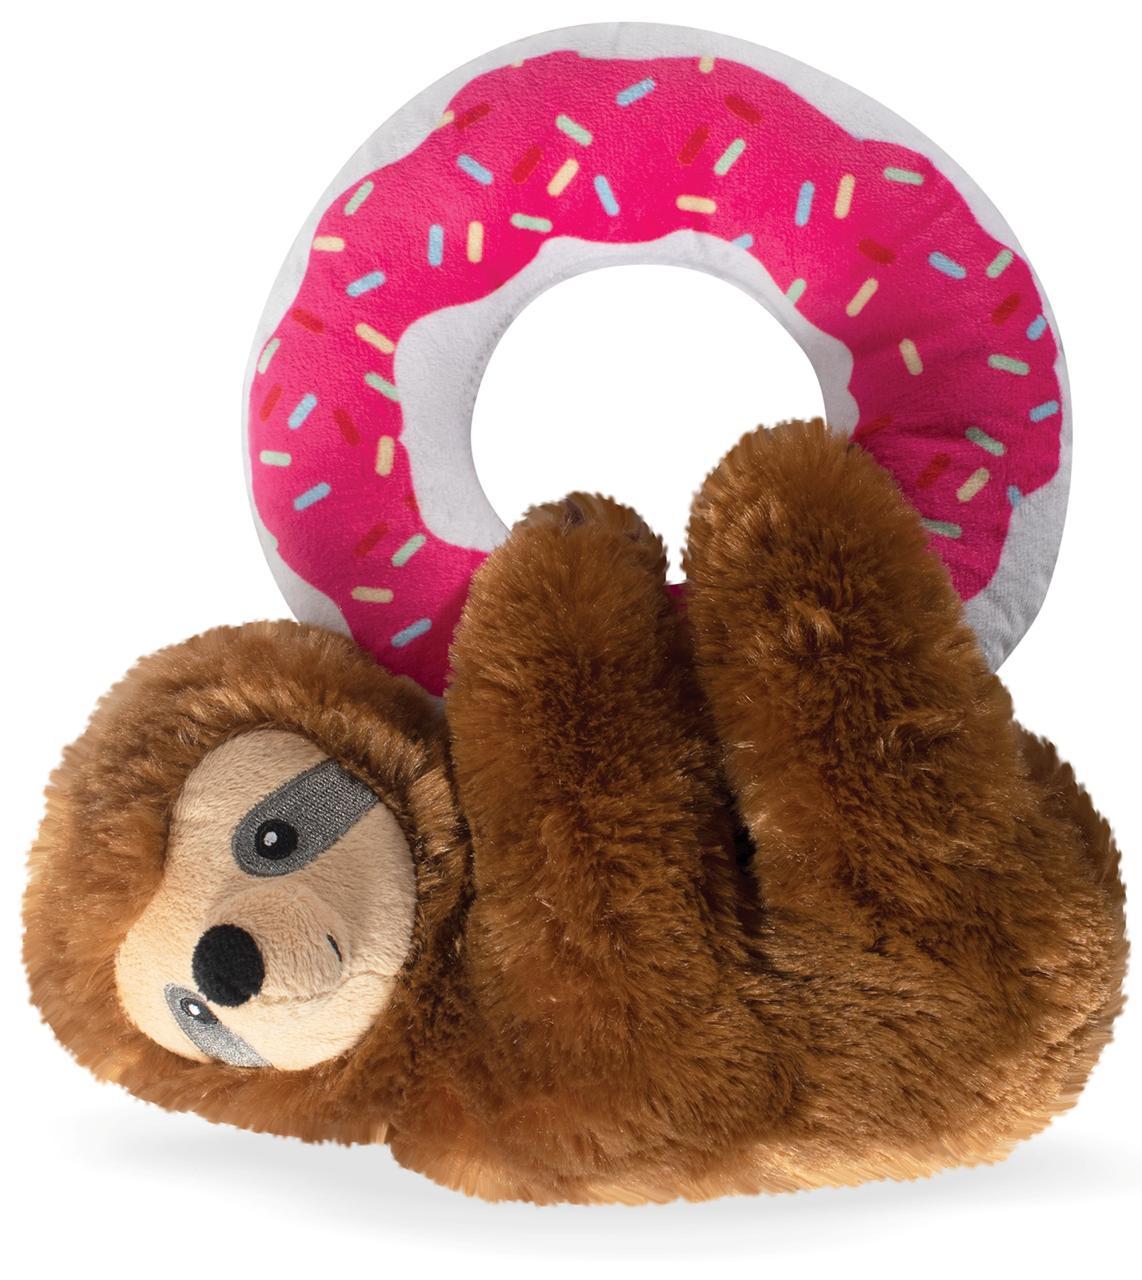 Pelúcia Bicho Preguiça com Donuts com apito para cães